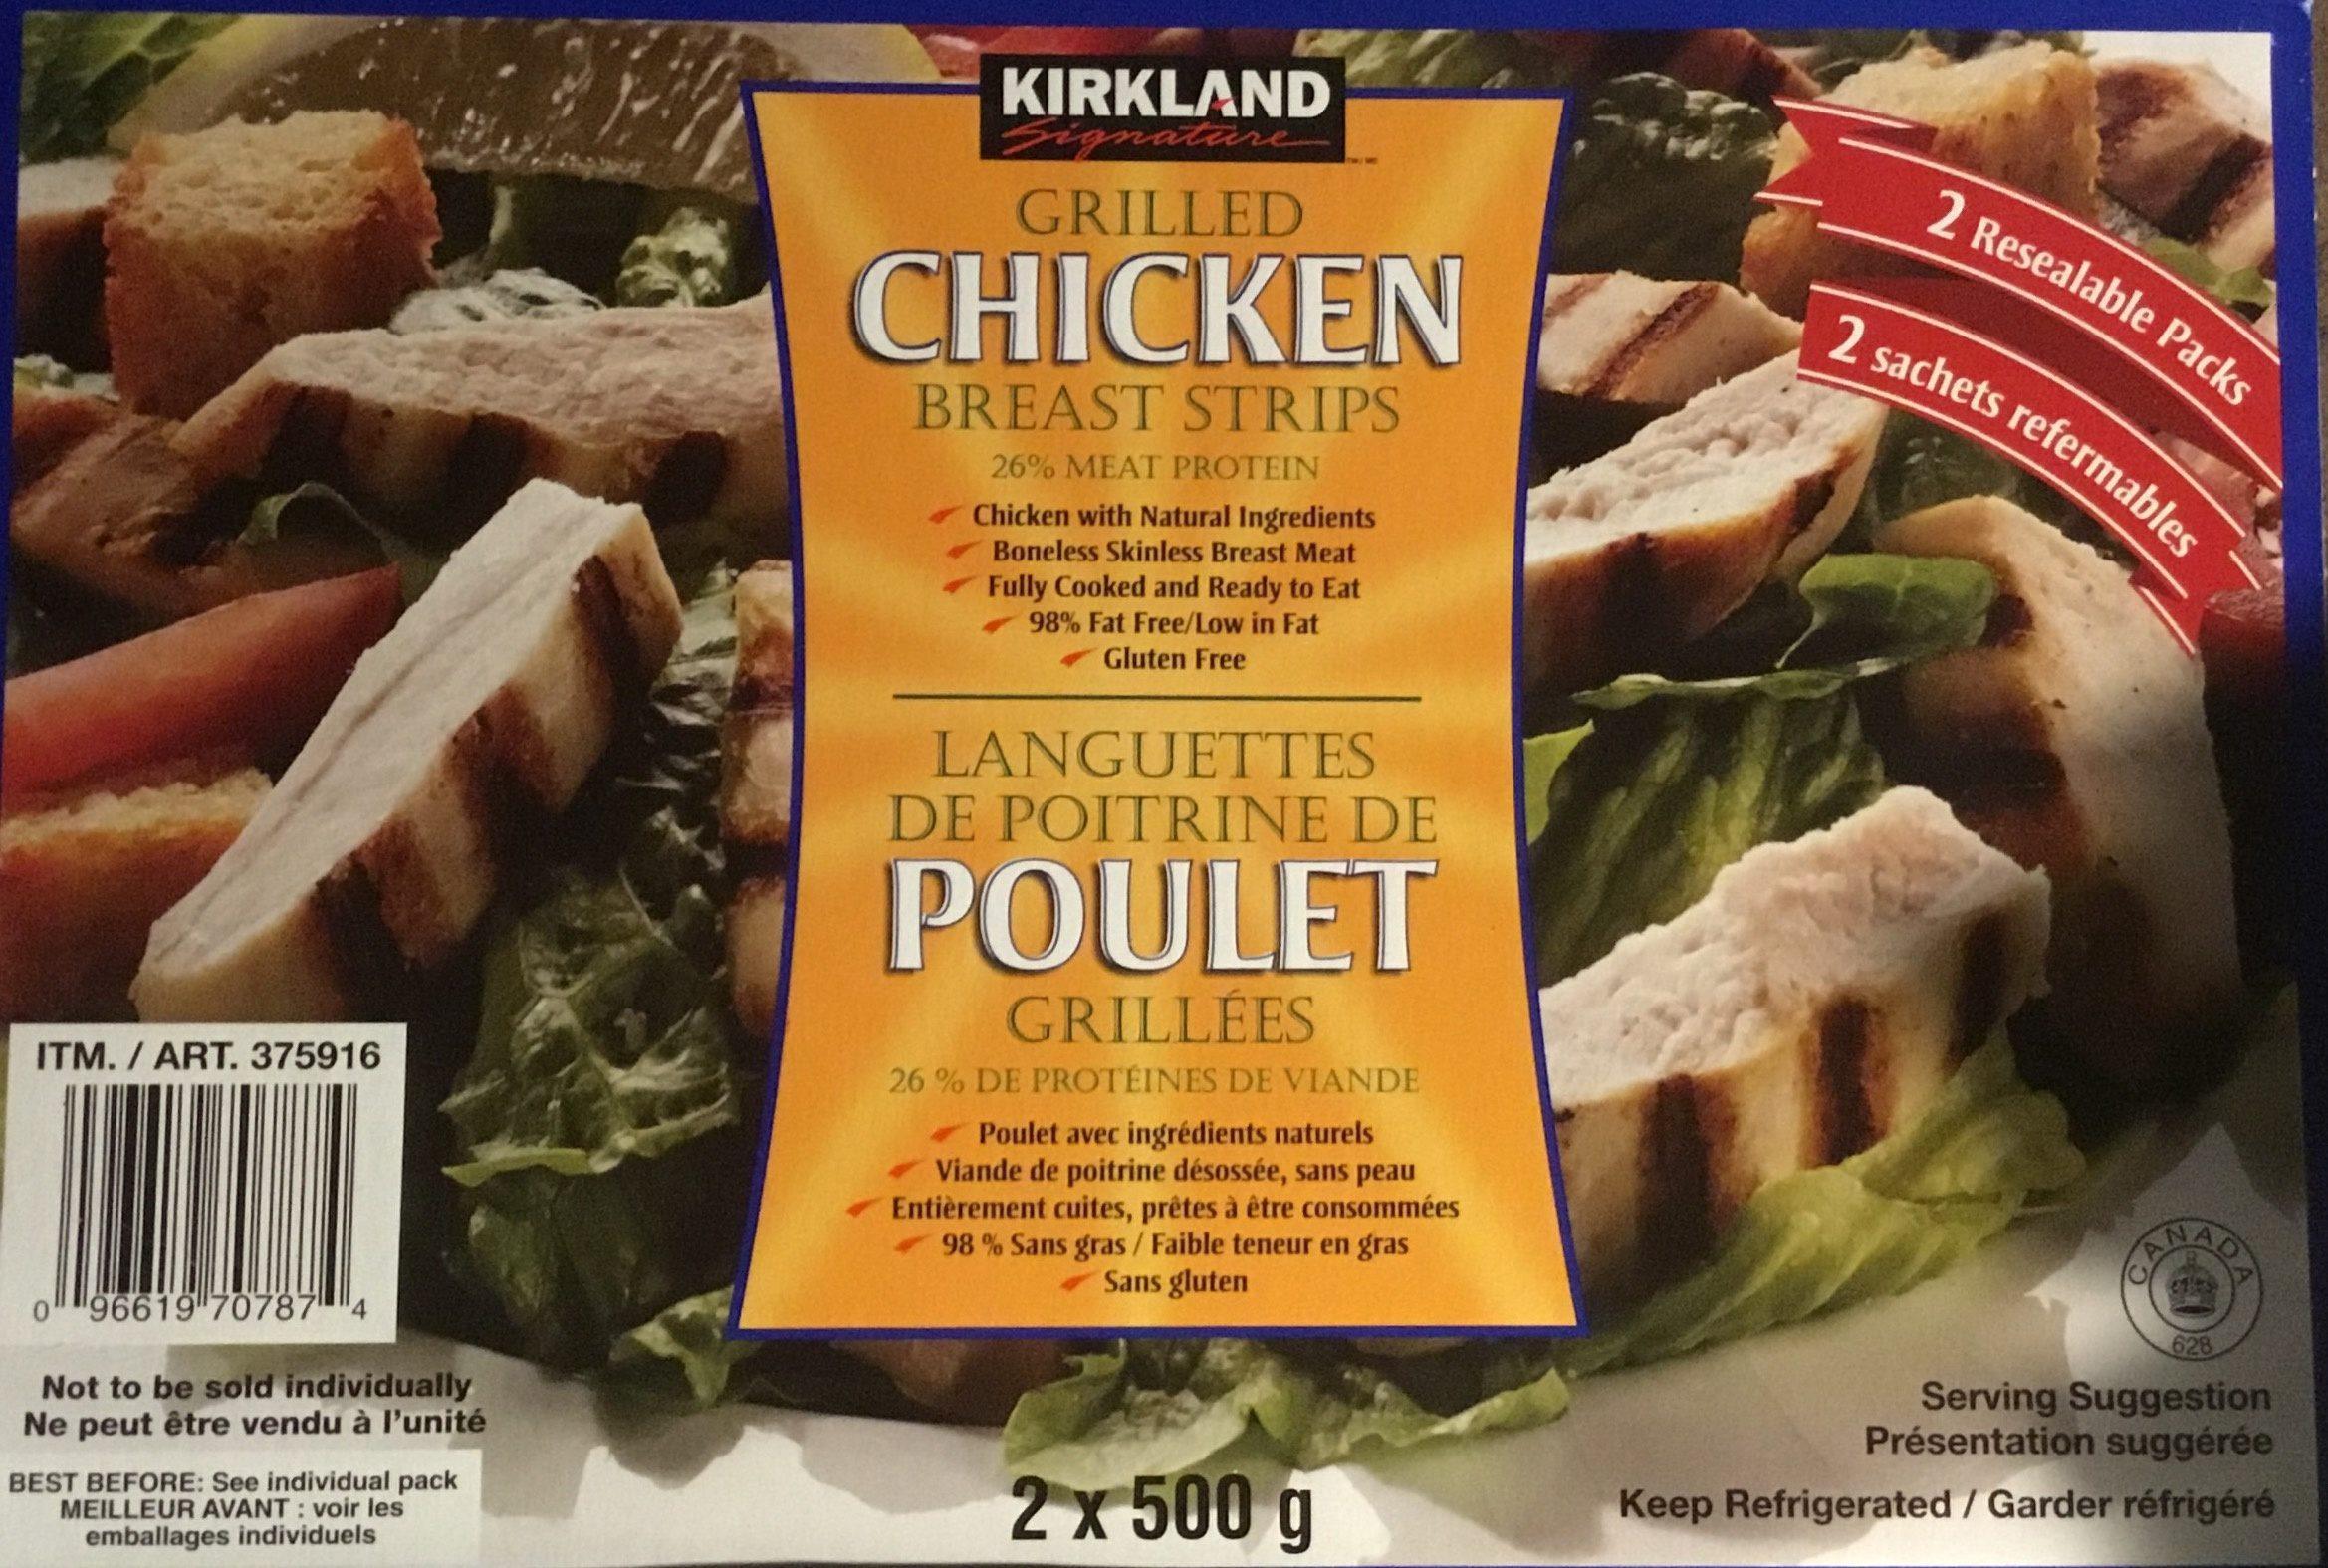 Languettes de poitrine de Poulet grillées - Product - fr